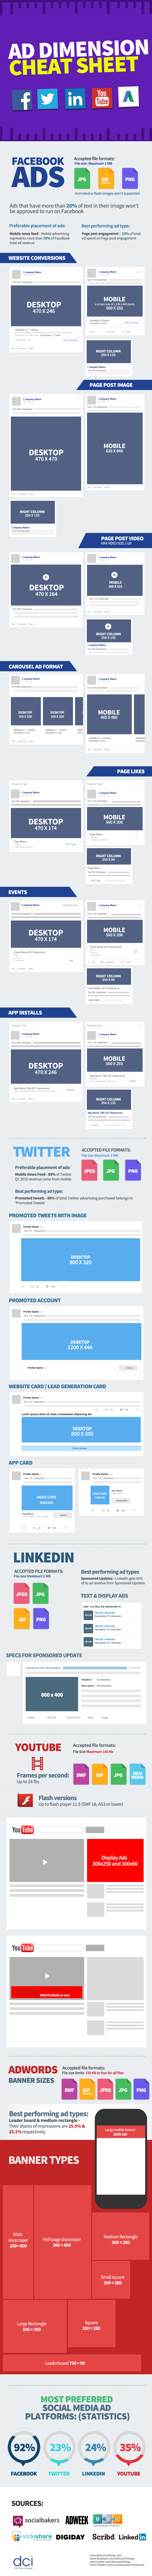 dimensions publicites reseaux-sociaux